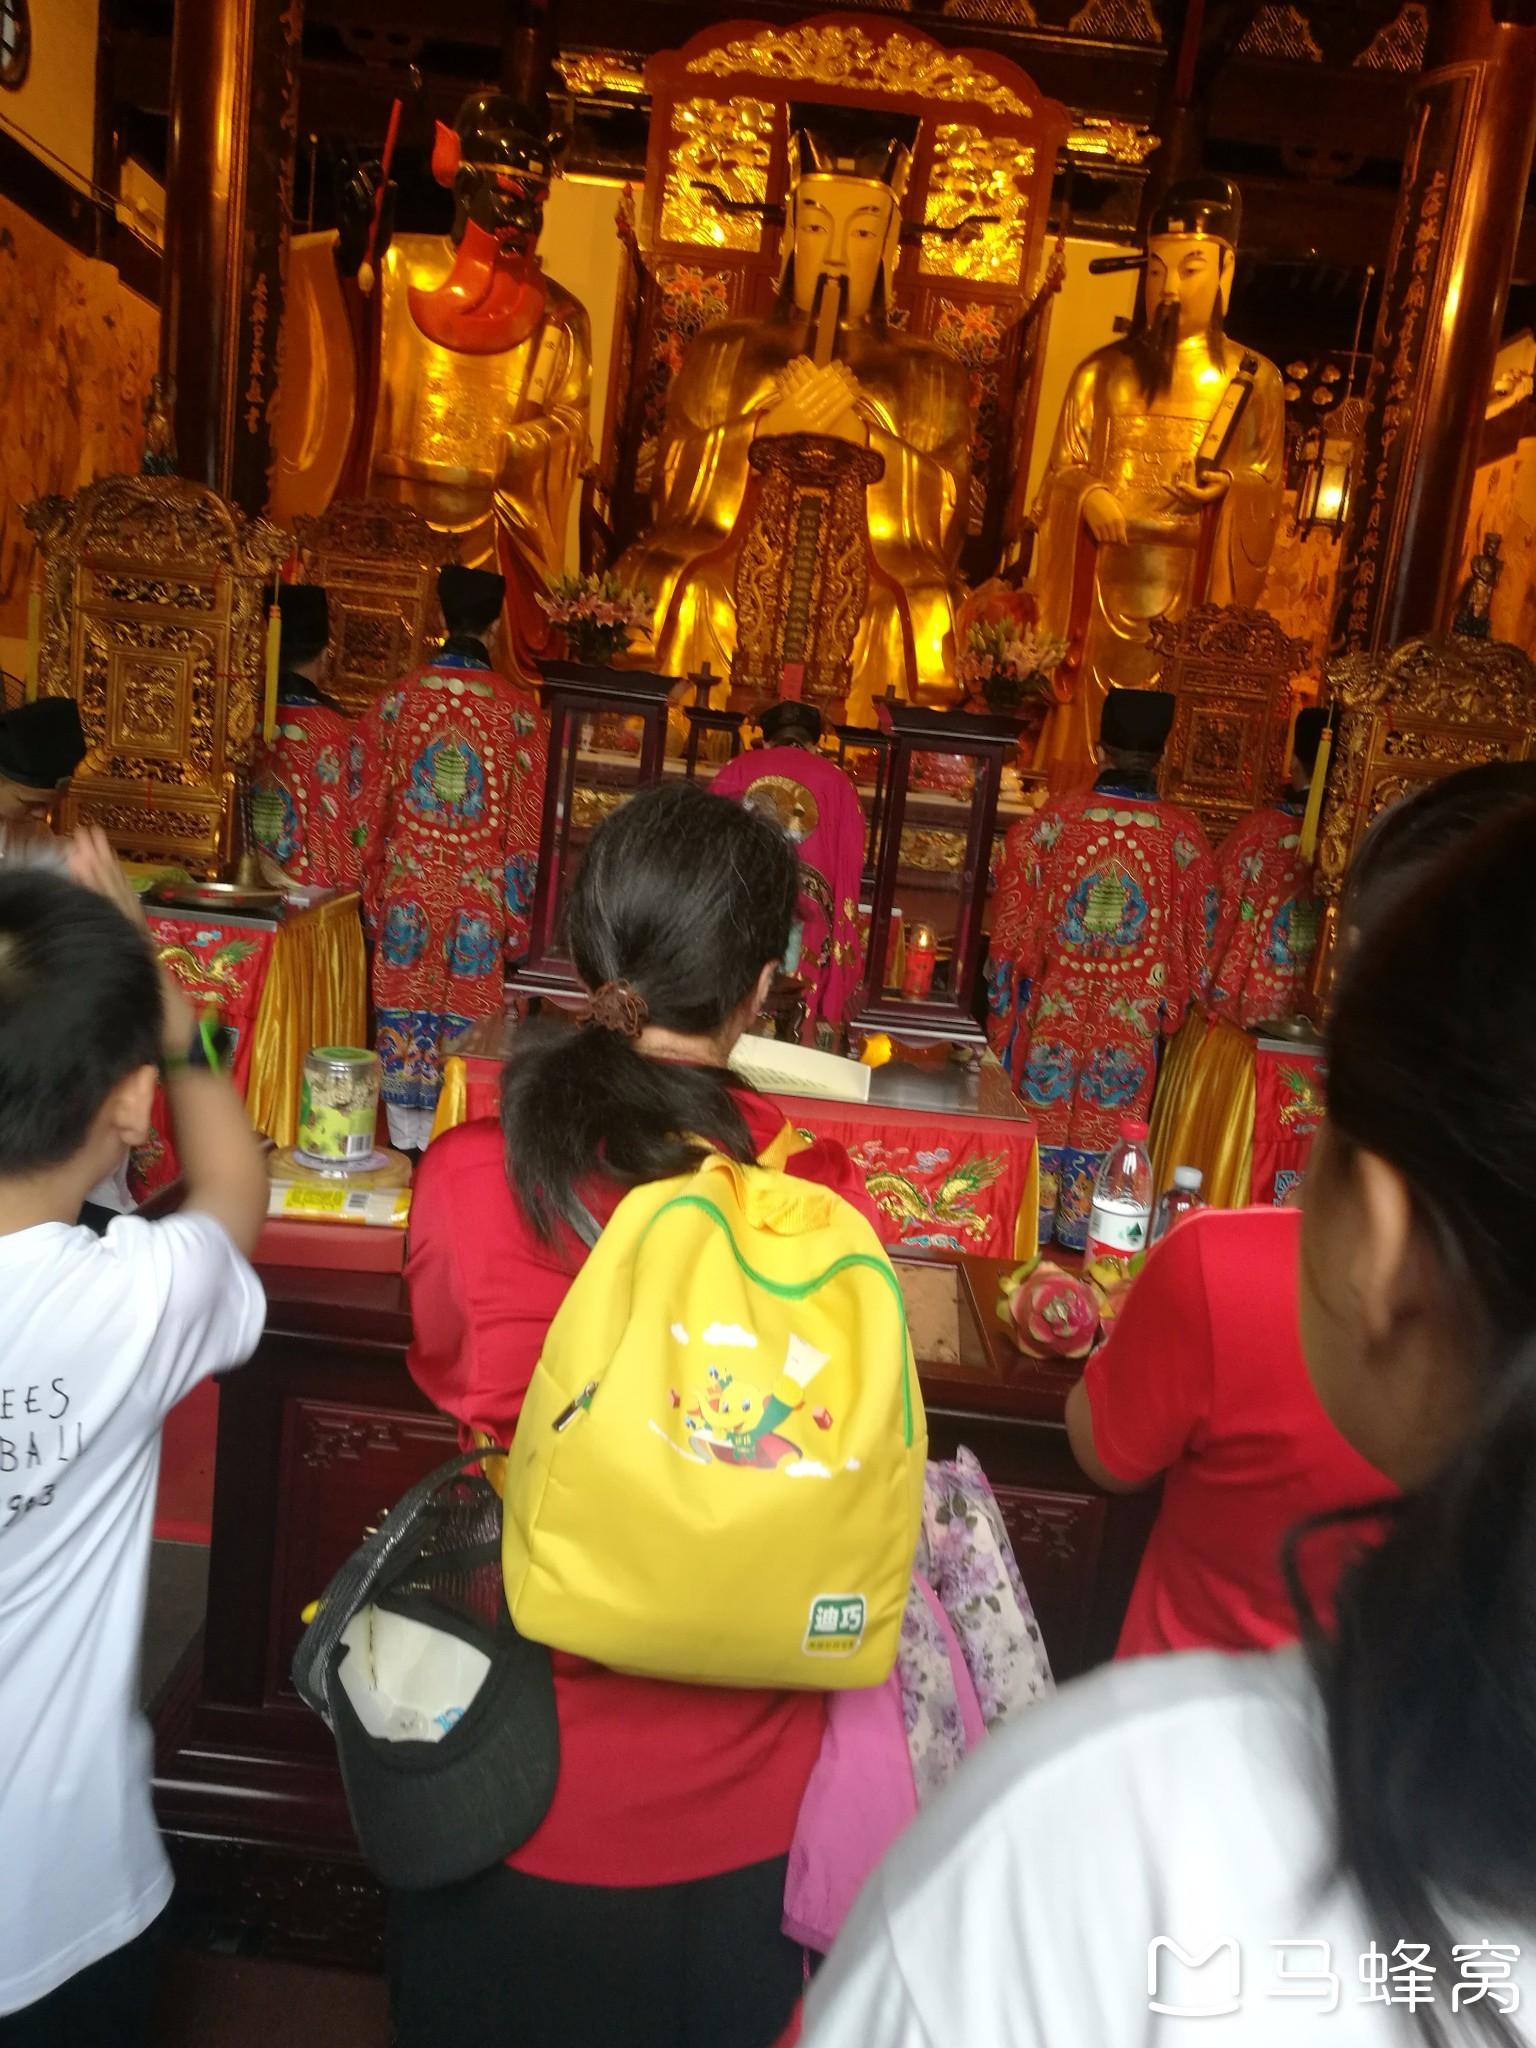 (武汉-上海)歌诗达威尼斯号邮轮游玩记---行程及上海小玩介绍